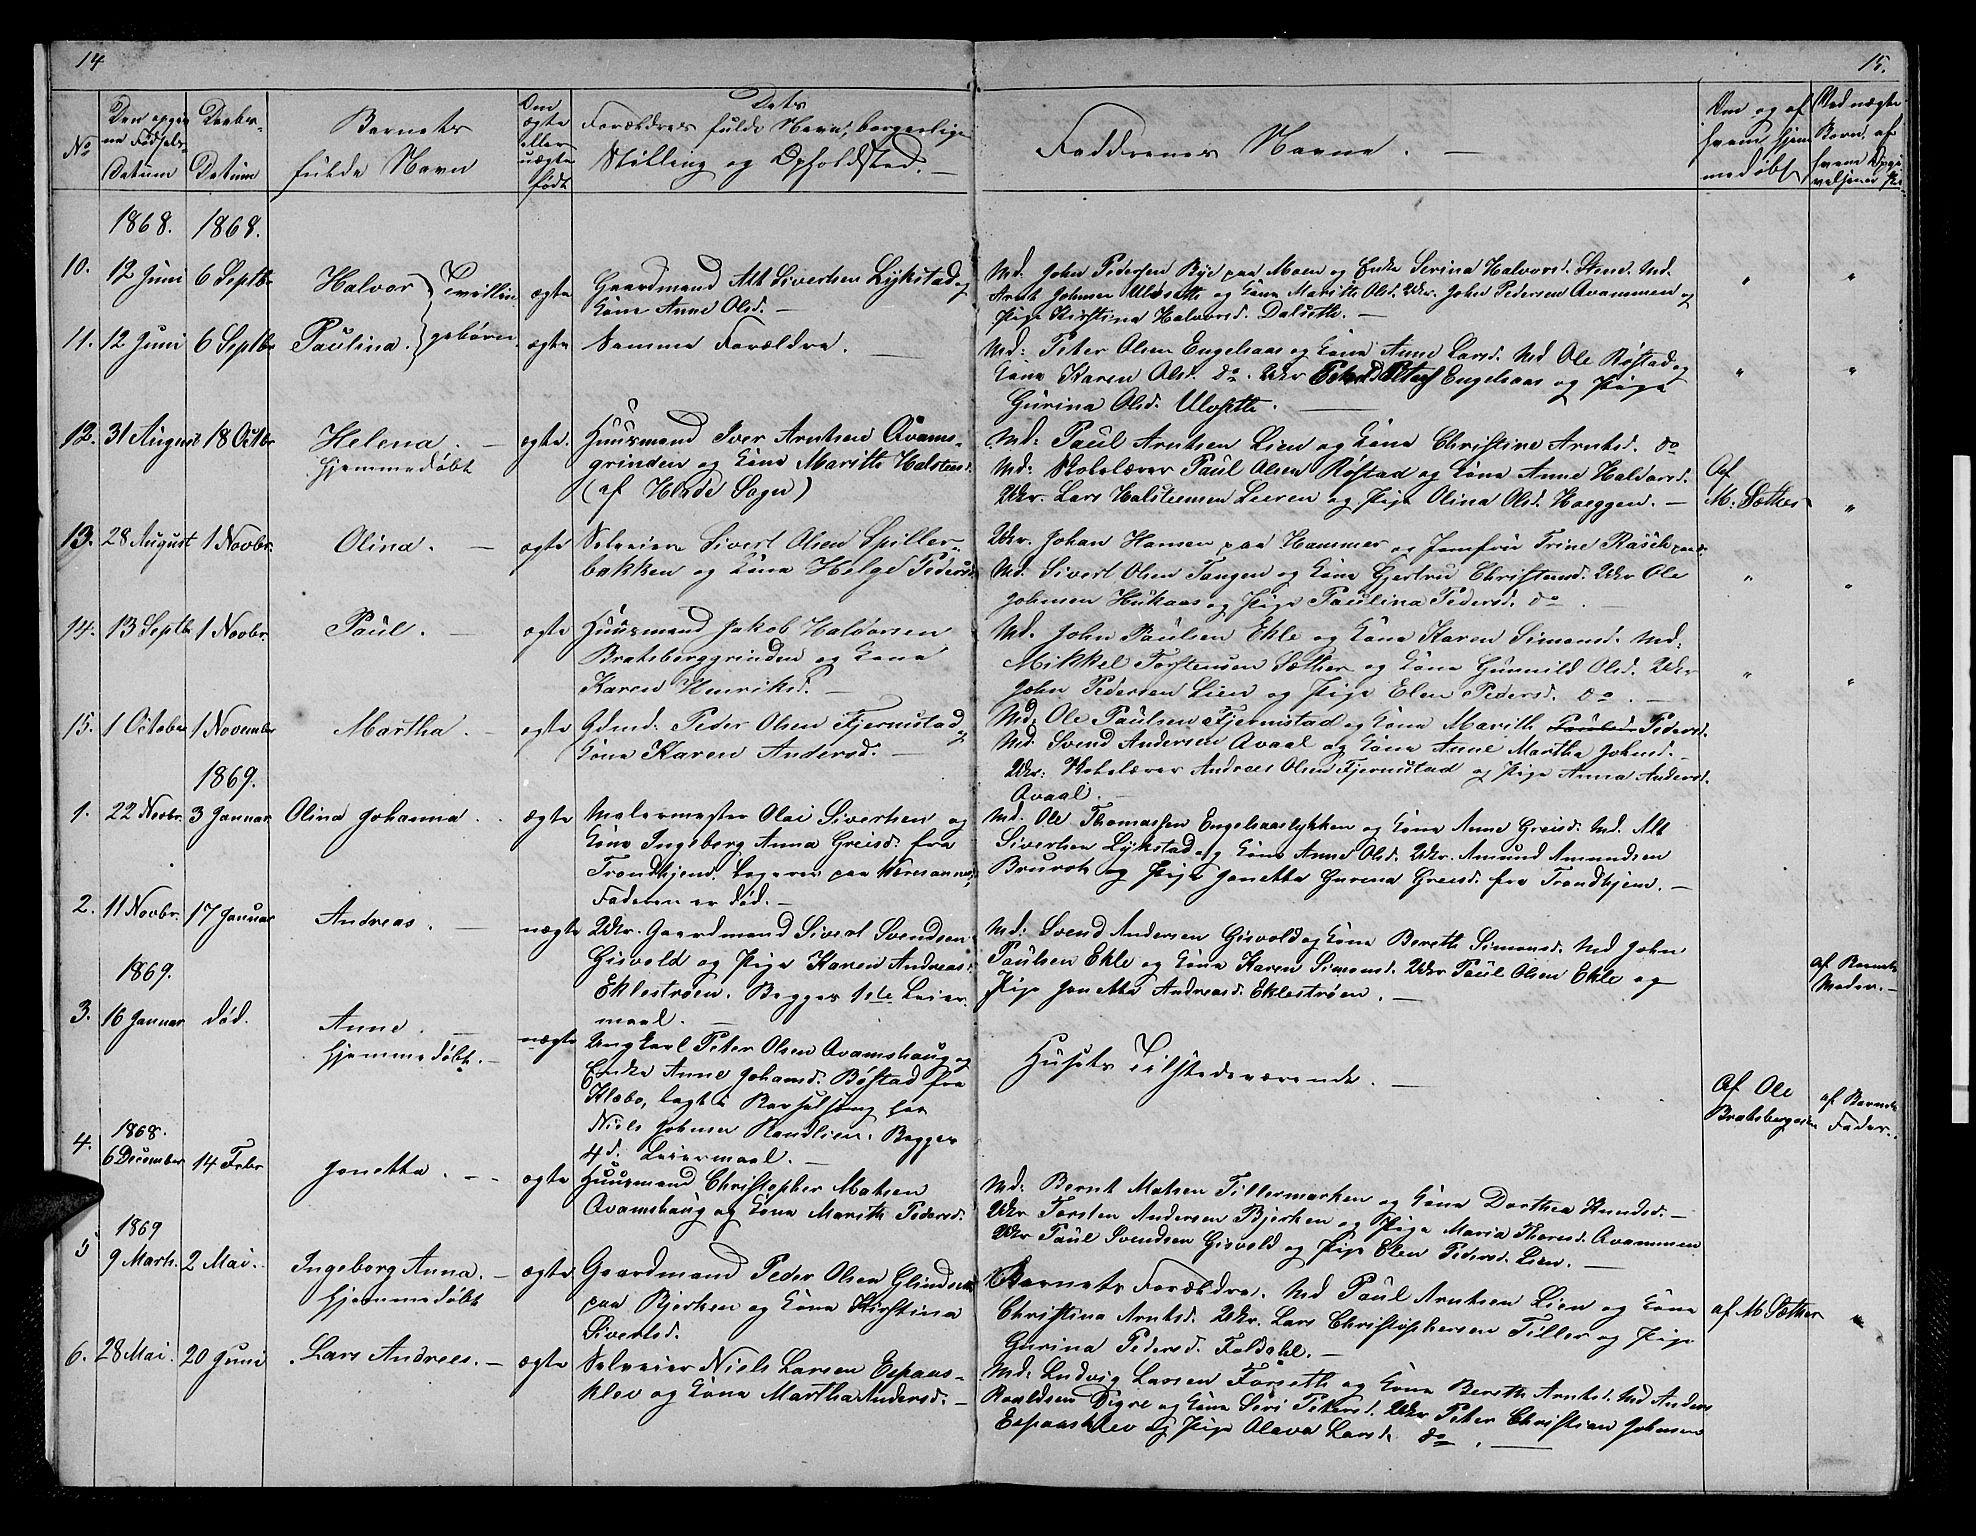 SAT, Ministerialprotokoller, klokkerbøker og fødselsregistre - Sør-Trøndelag, 608/L0340: Klokkerbok nr. 608C06, 1864-1889, s. 14-15